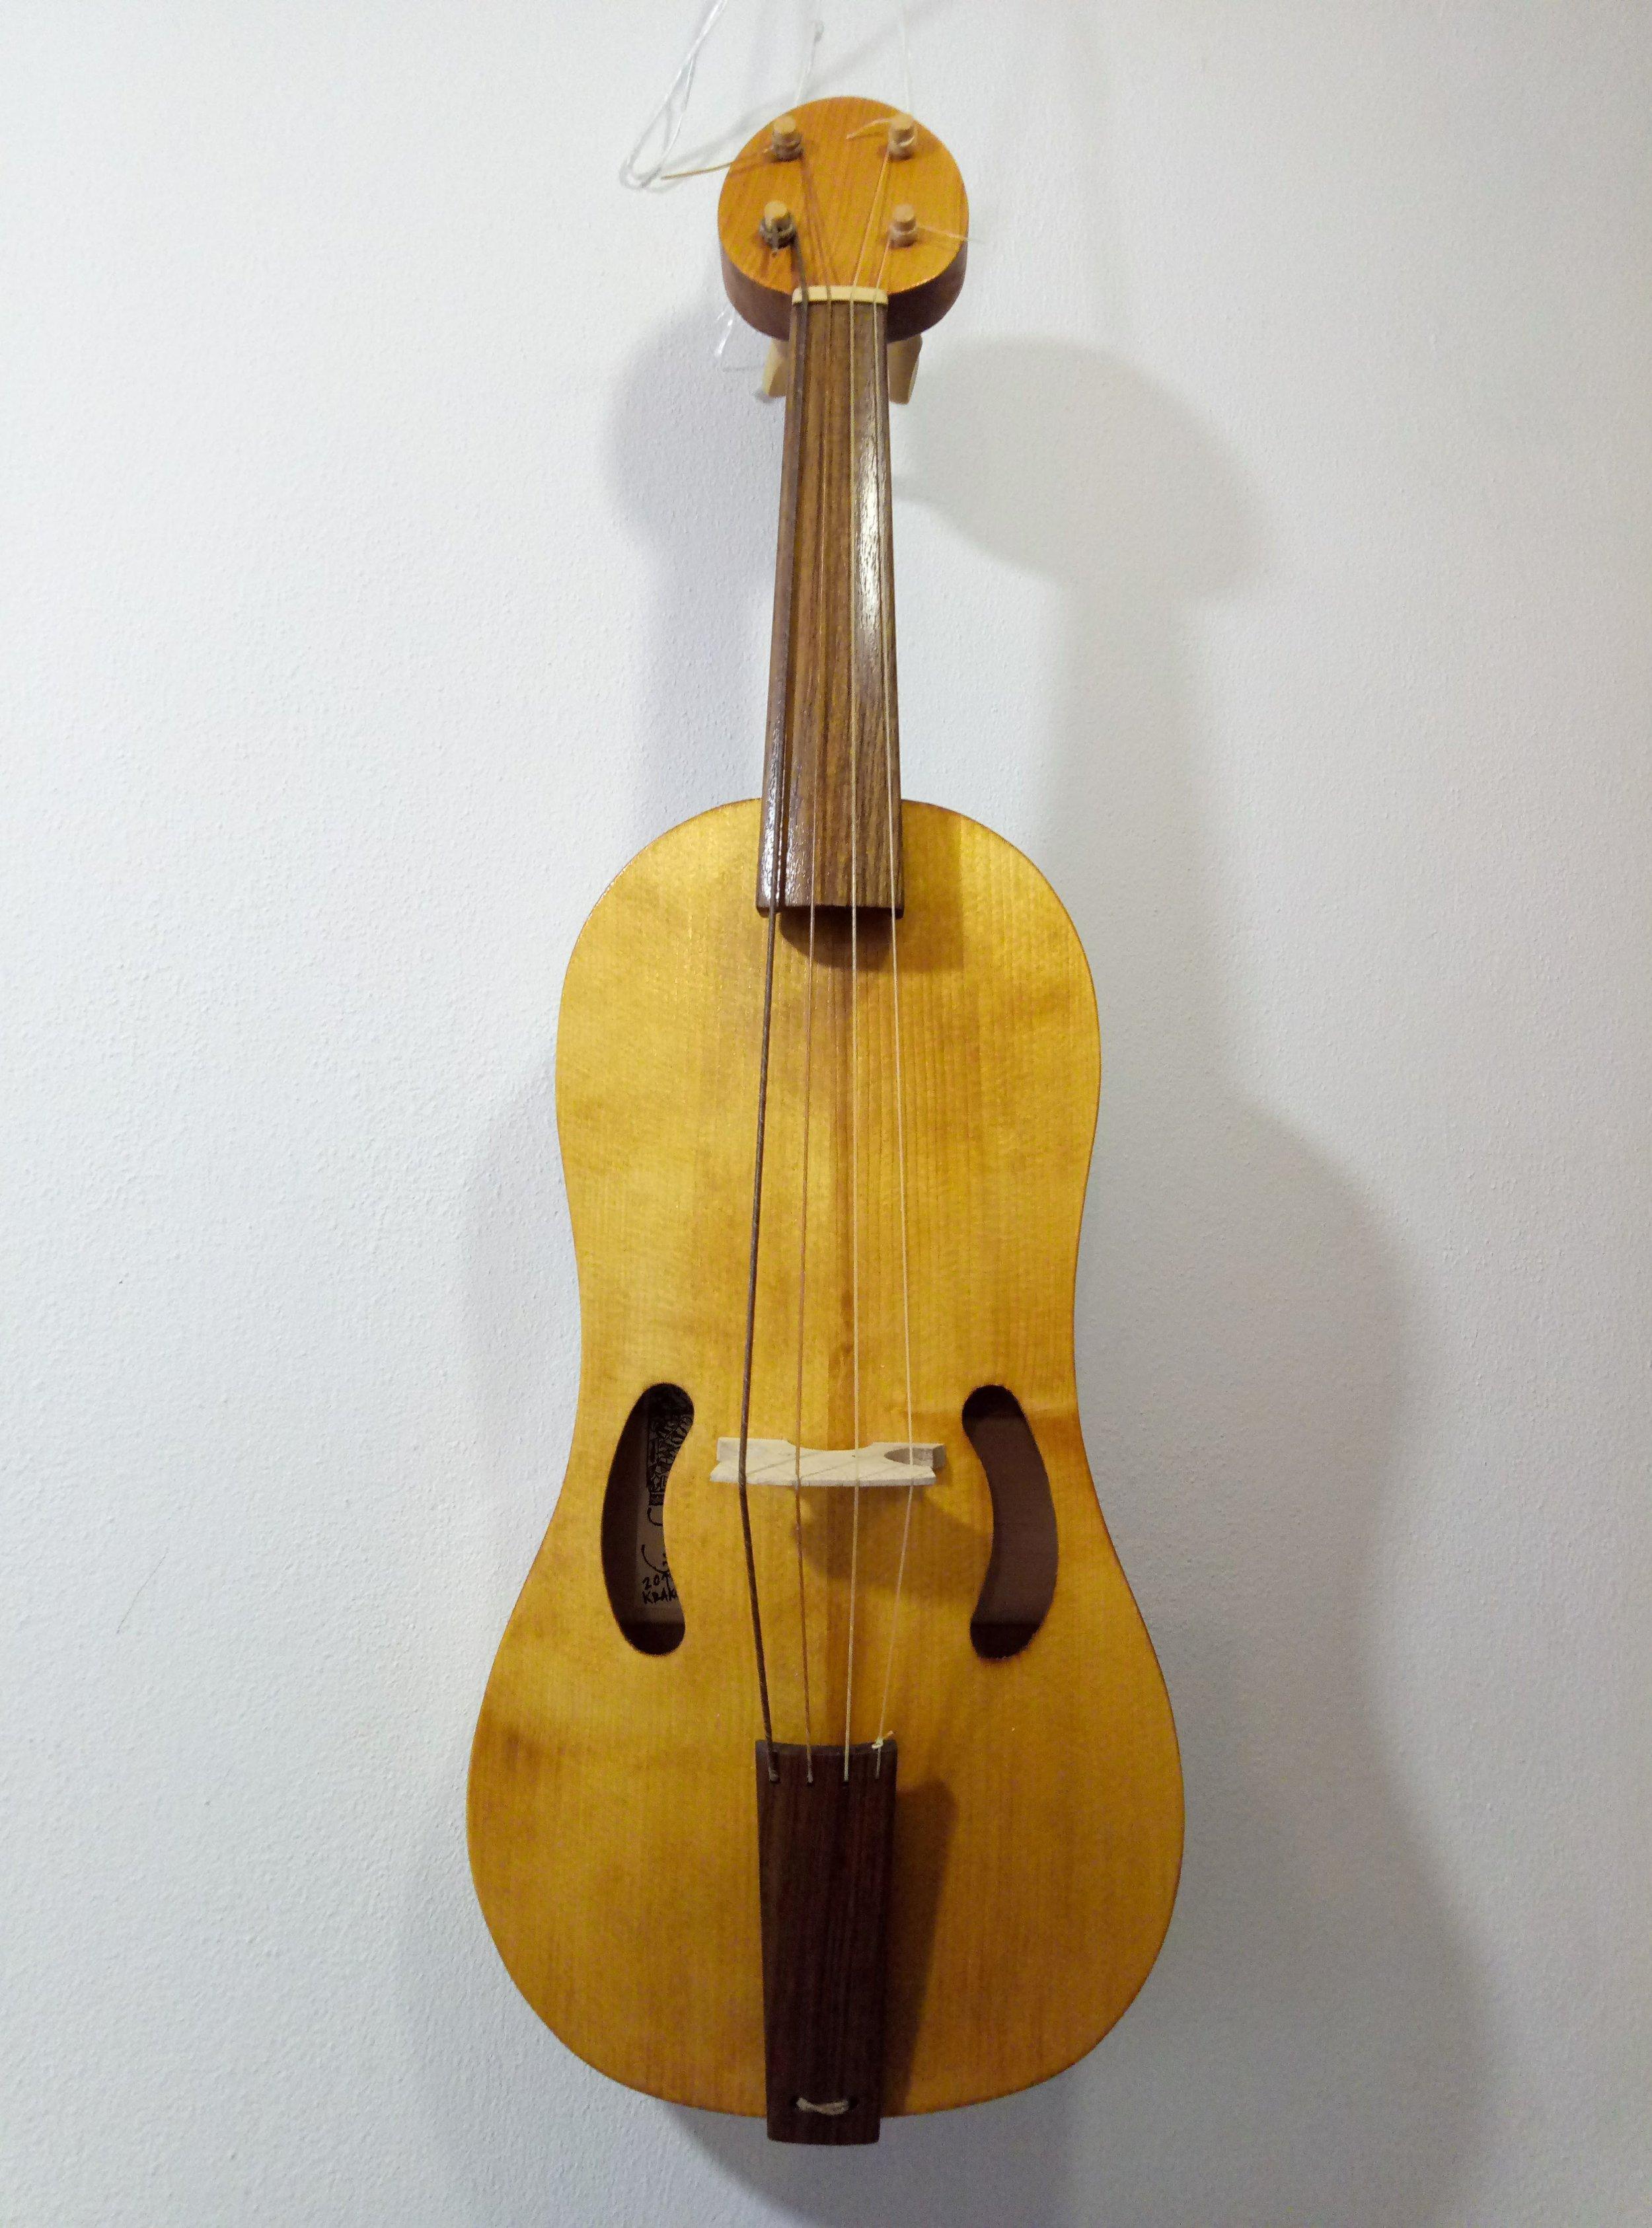 4-string Medieval Fiddle  32.5cm string length  €850